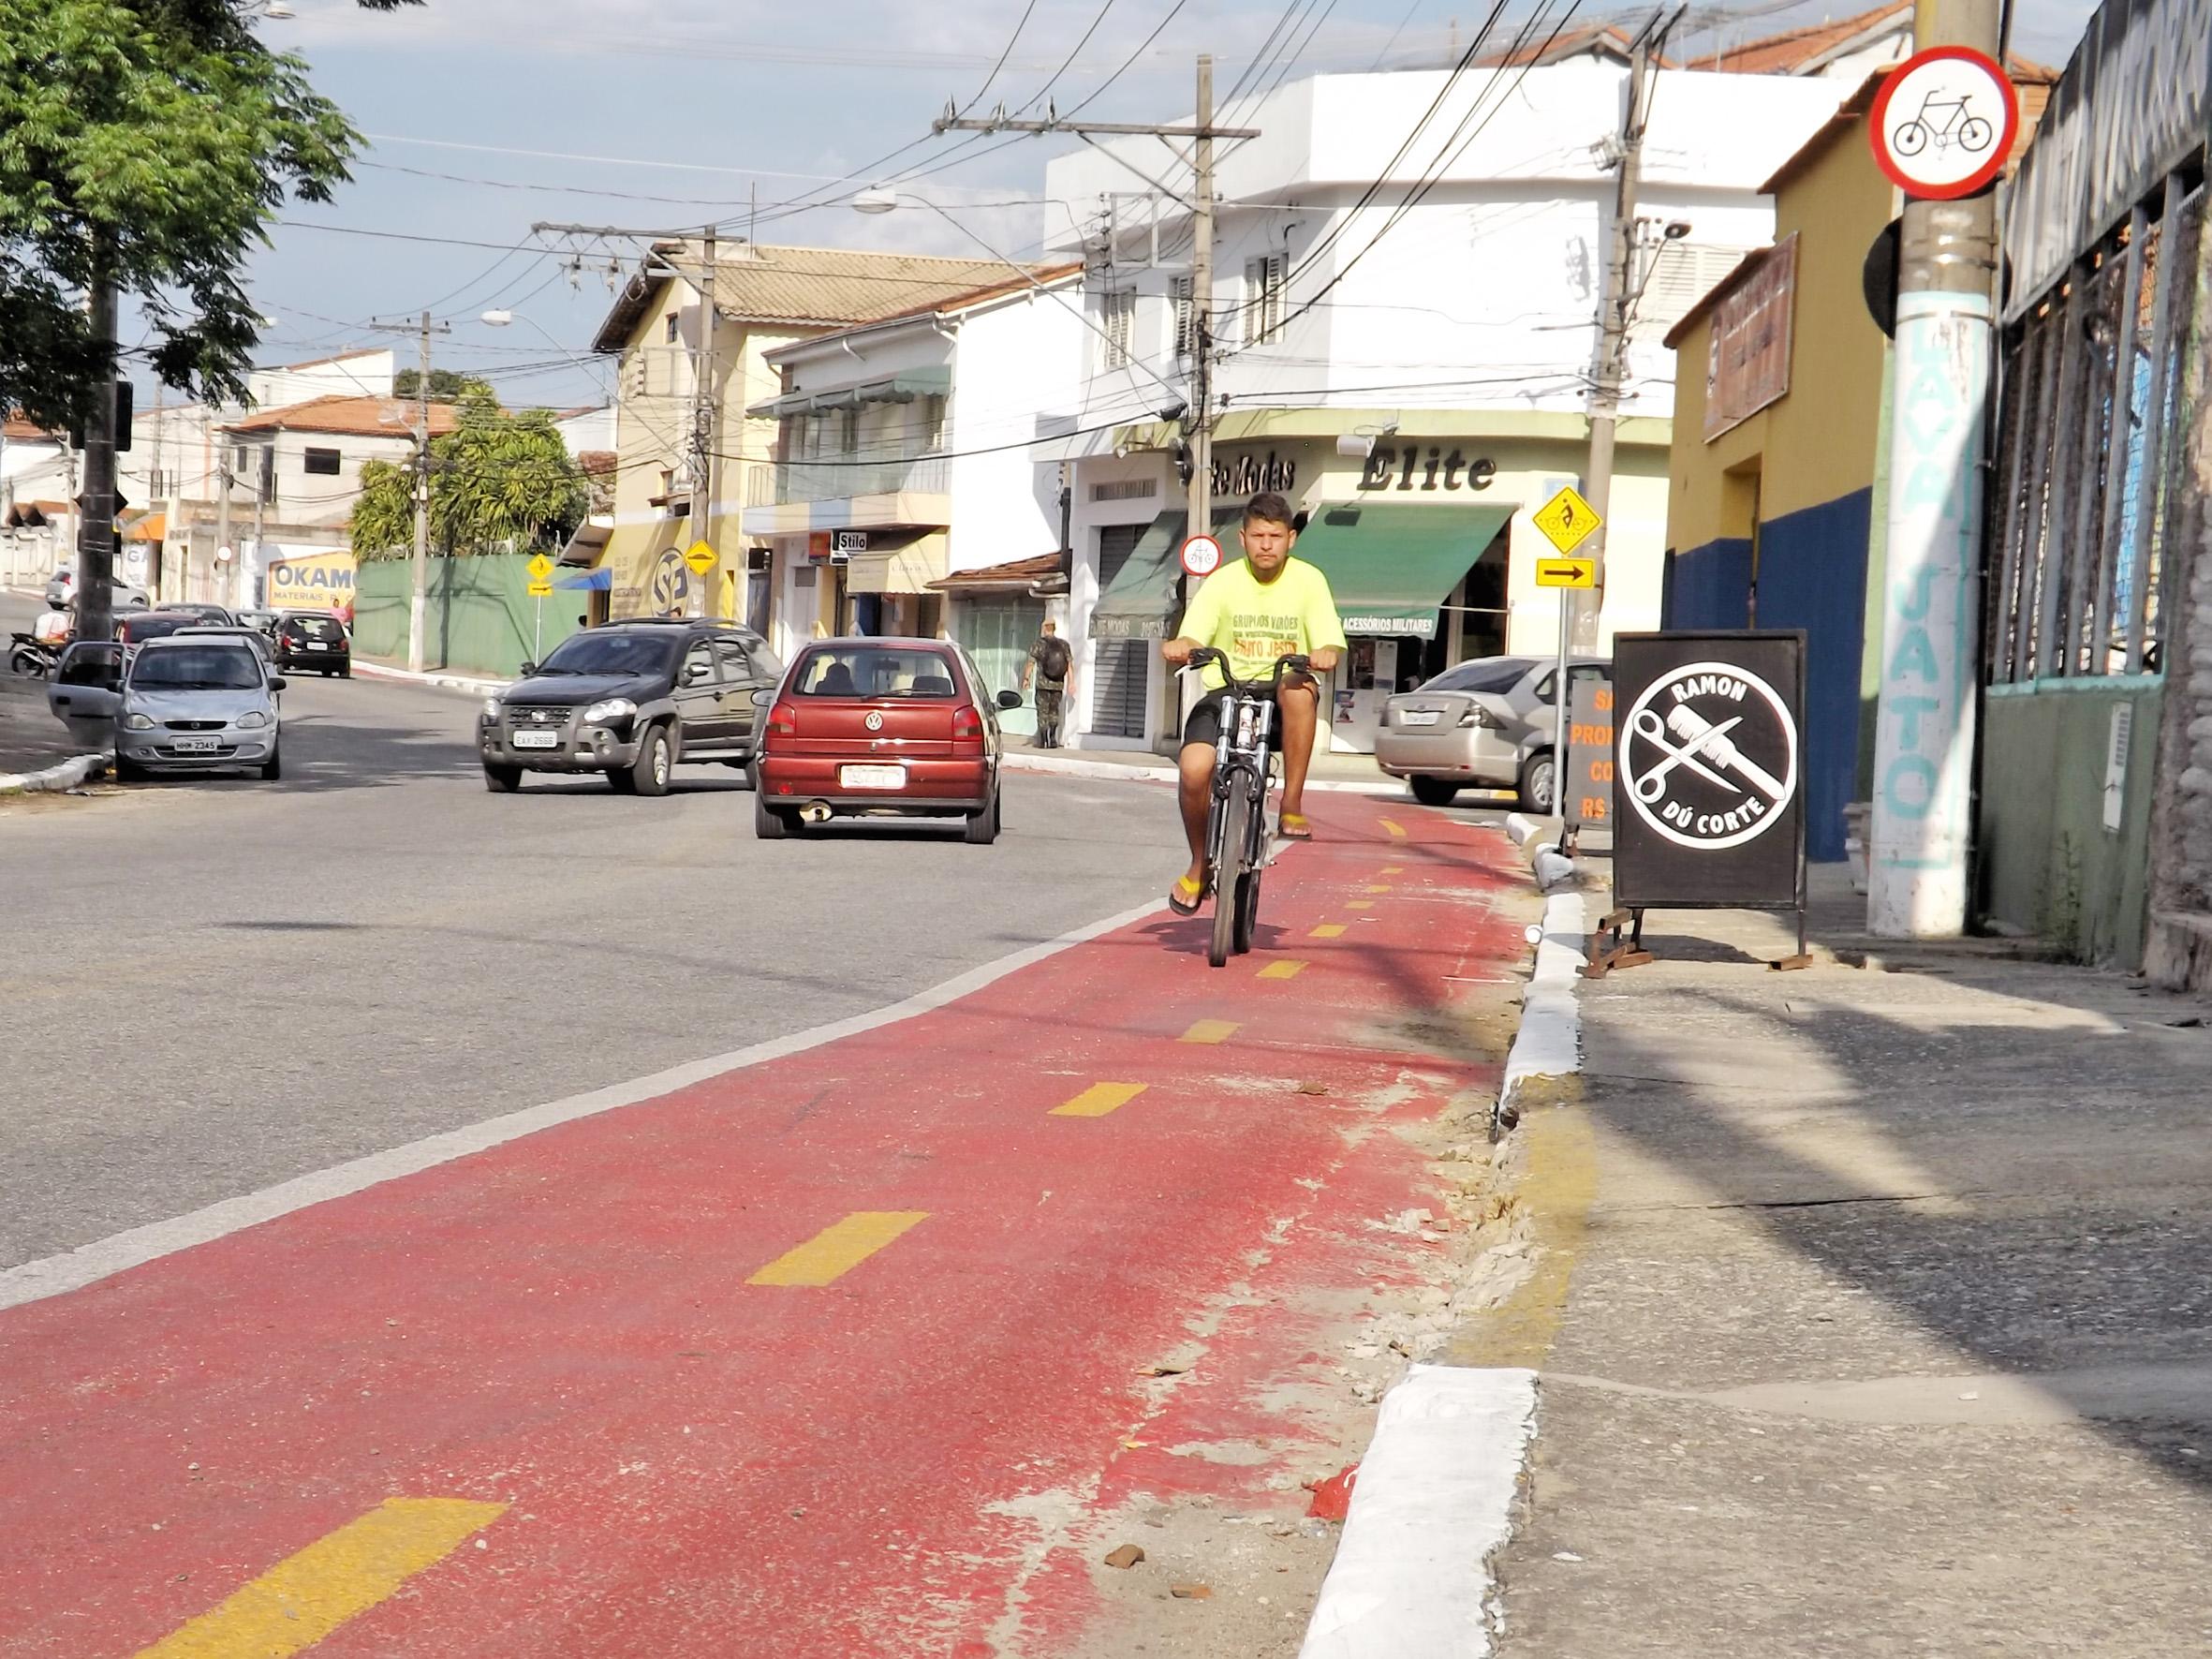 Ciclista utiliza ciclovia na avenida Marechal Argolo; implantação de sistema de 3,5 quilômetros tem expectativa de finalização até dezembro (Foto: Lucas Barbosa)